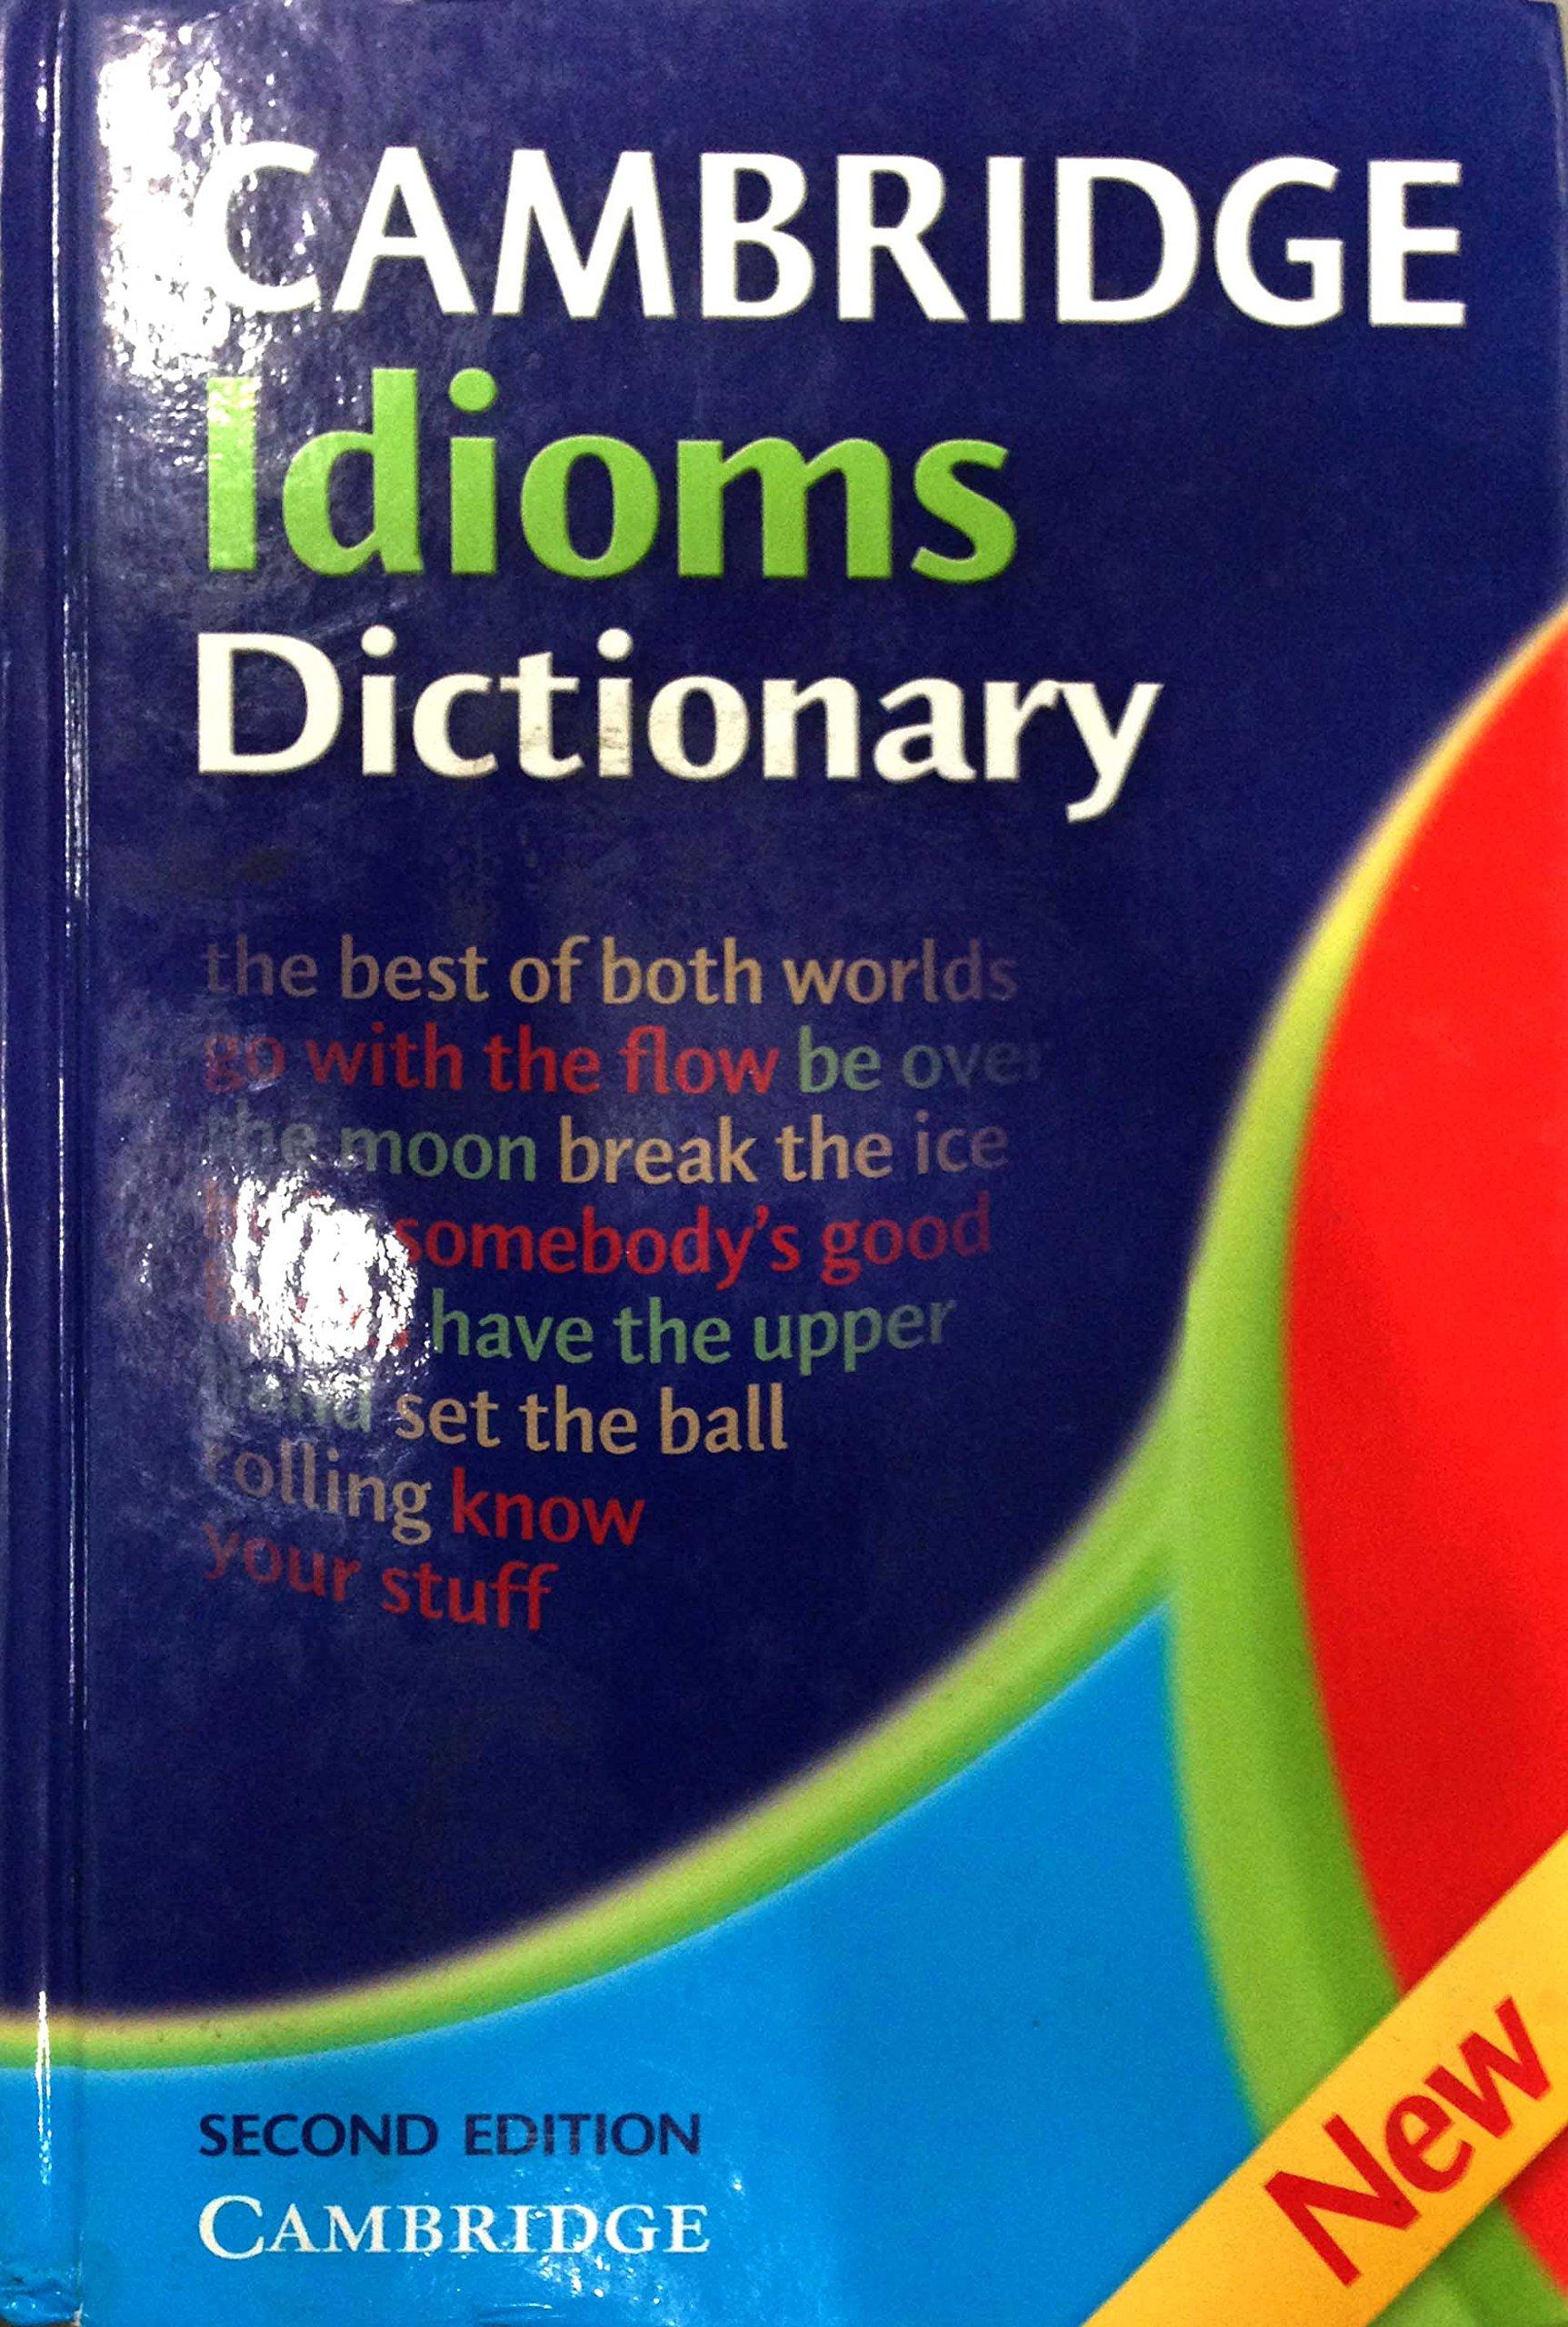 Cambridge Idioms Dictionary  Walter, Elizabeth Amazon.de Bücher